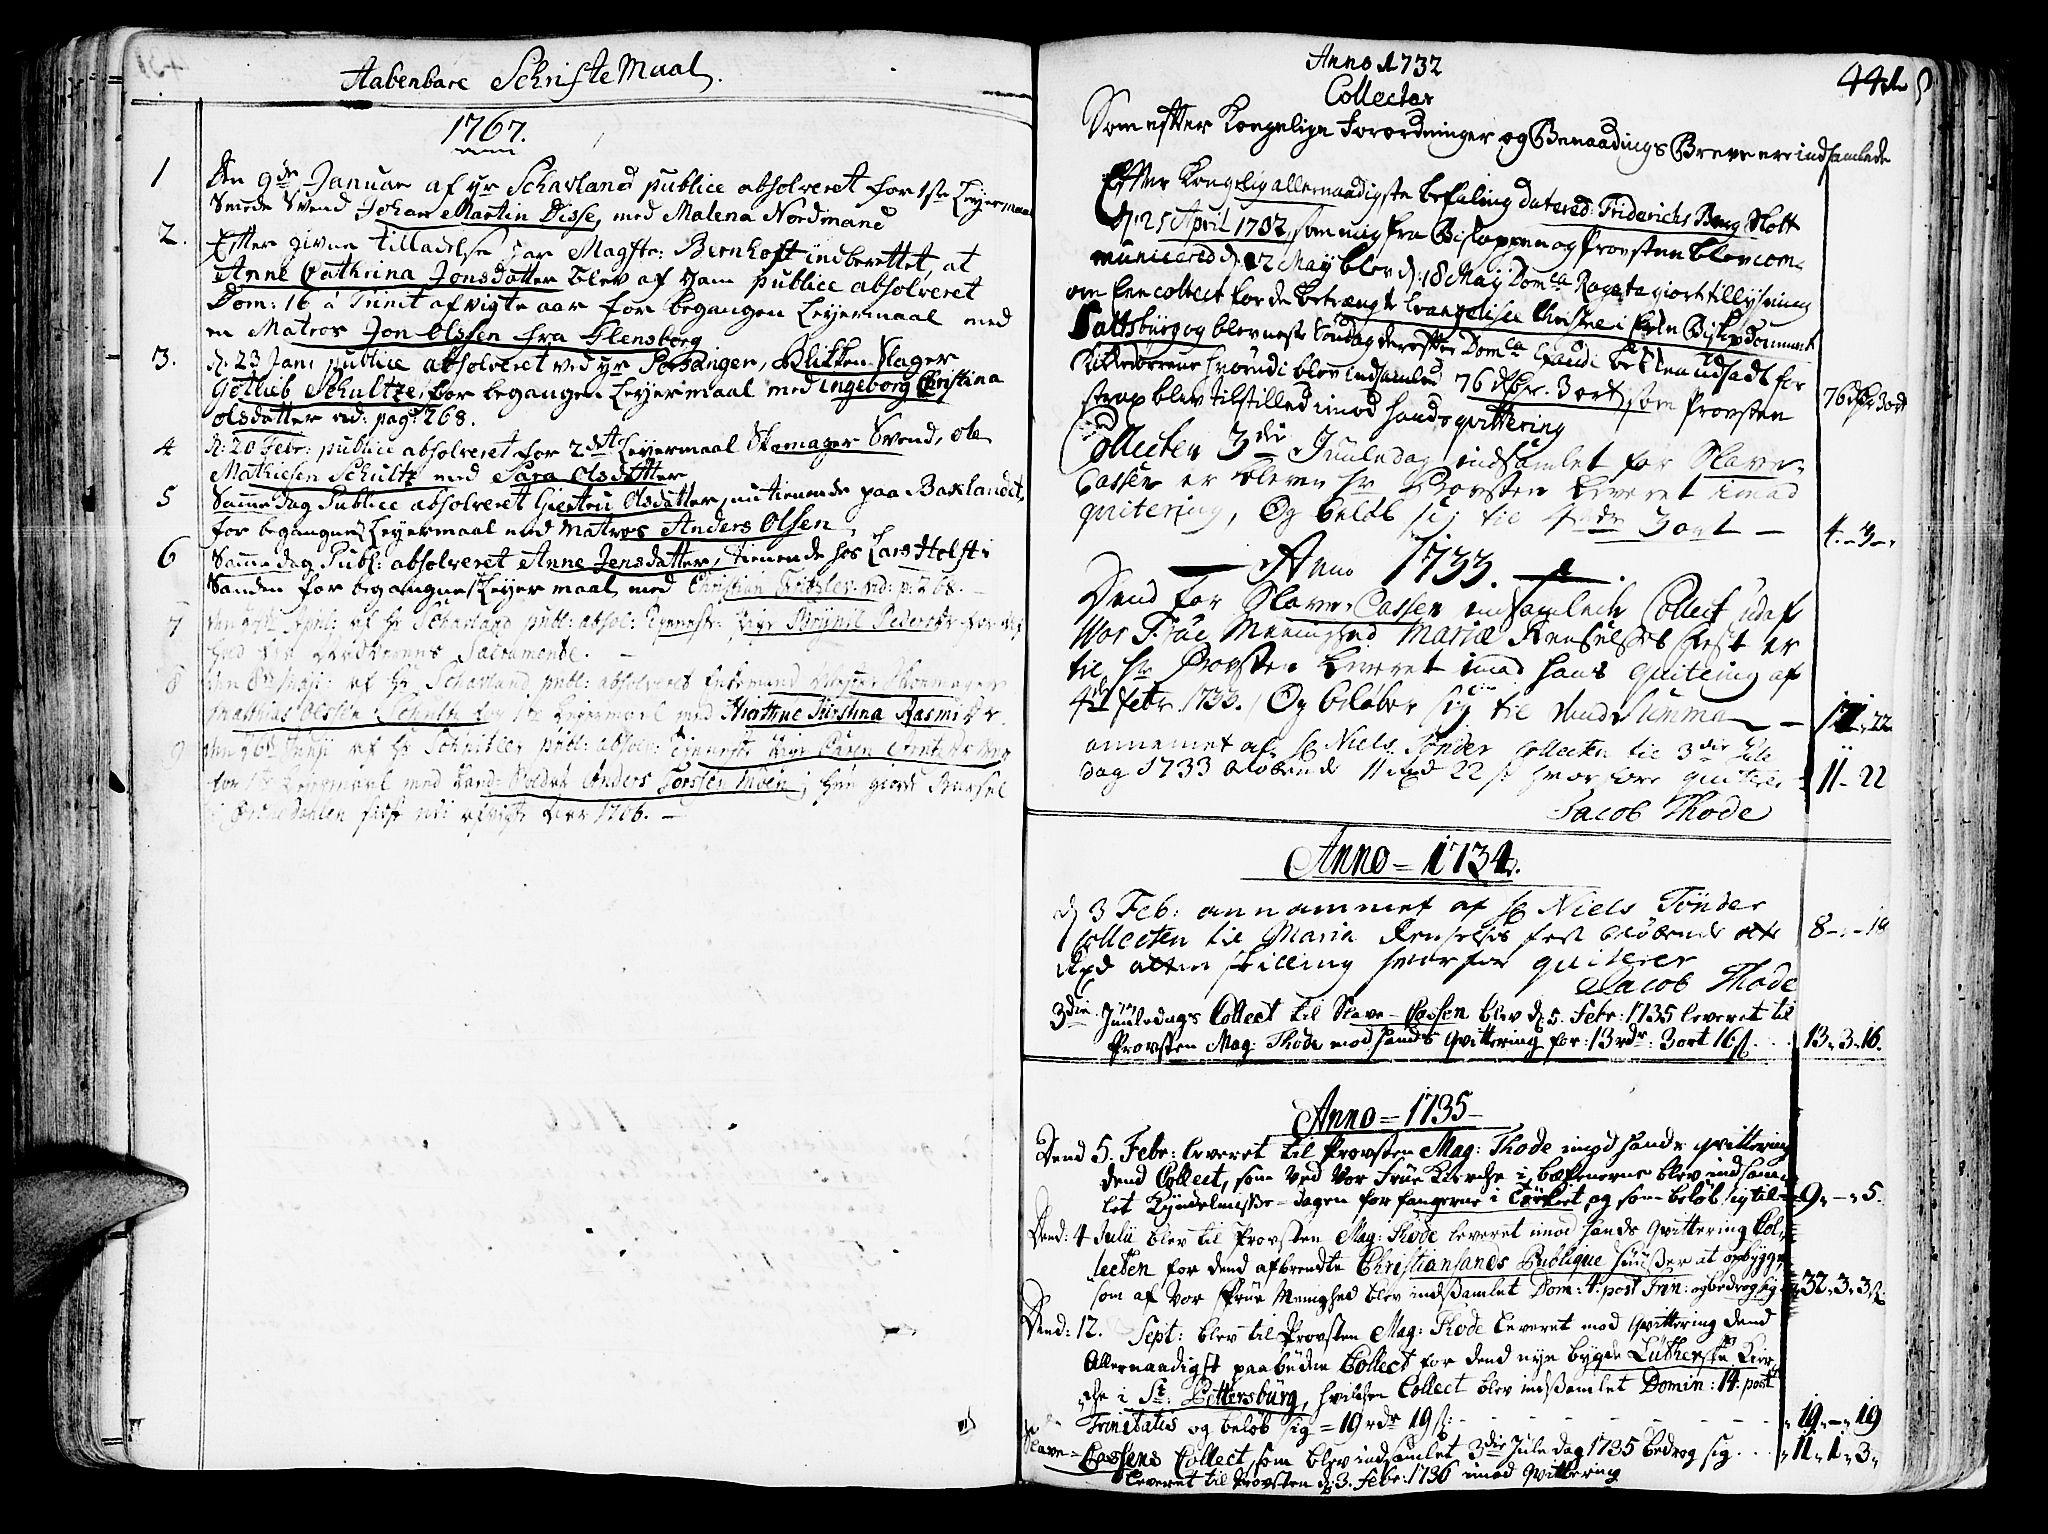 SAT, Ministerialprotokoller, klokkerbøker og fødselsregistre - Sør-Trøndelag, 602/L0103: Ministerialbok nr. 602A01, 1732-1774, s. 441